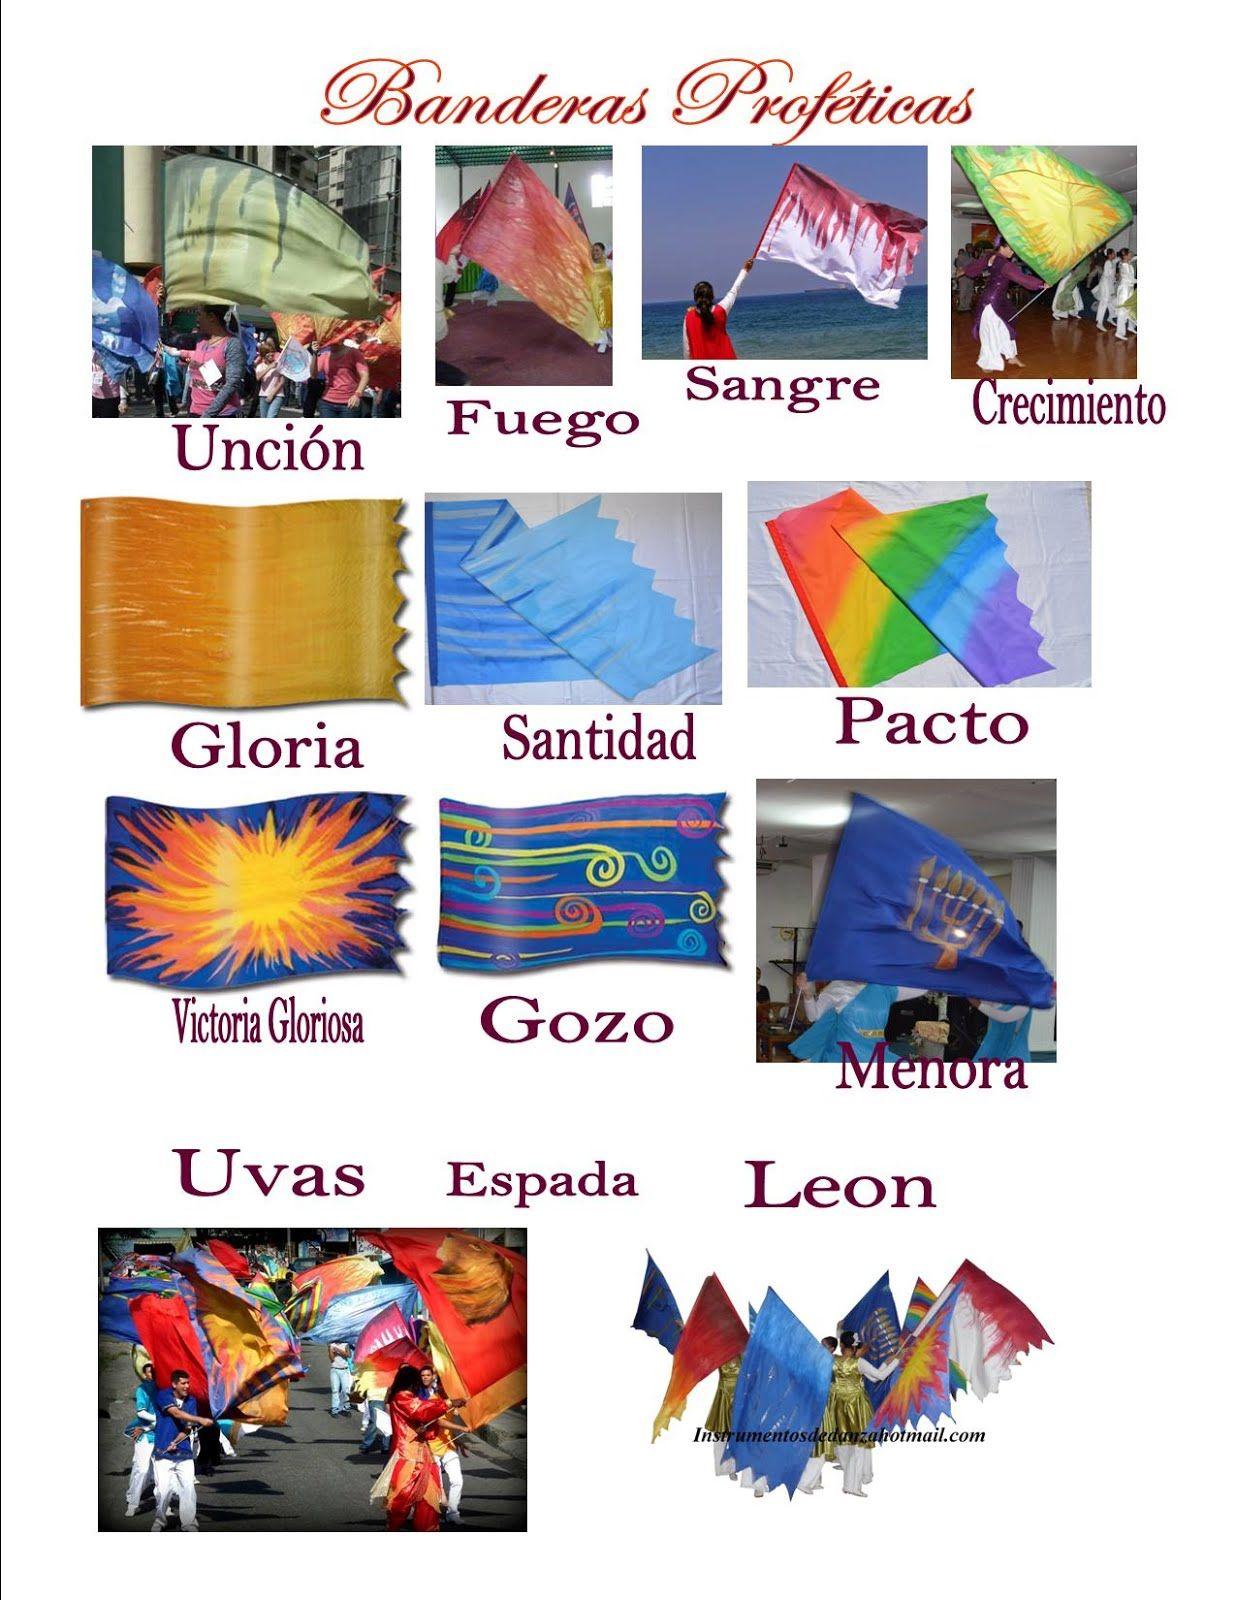 Banderas Prófeticas | Estandartes | Pinterest | Banderas